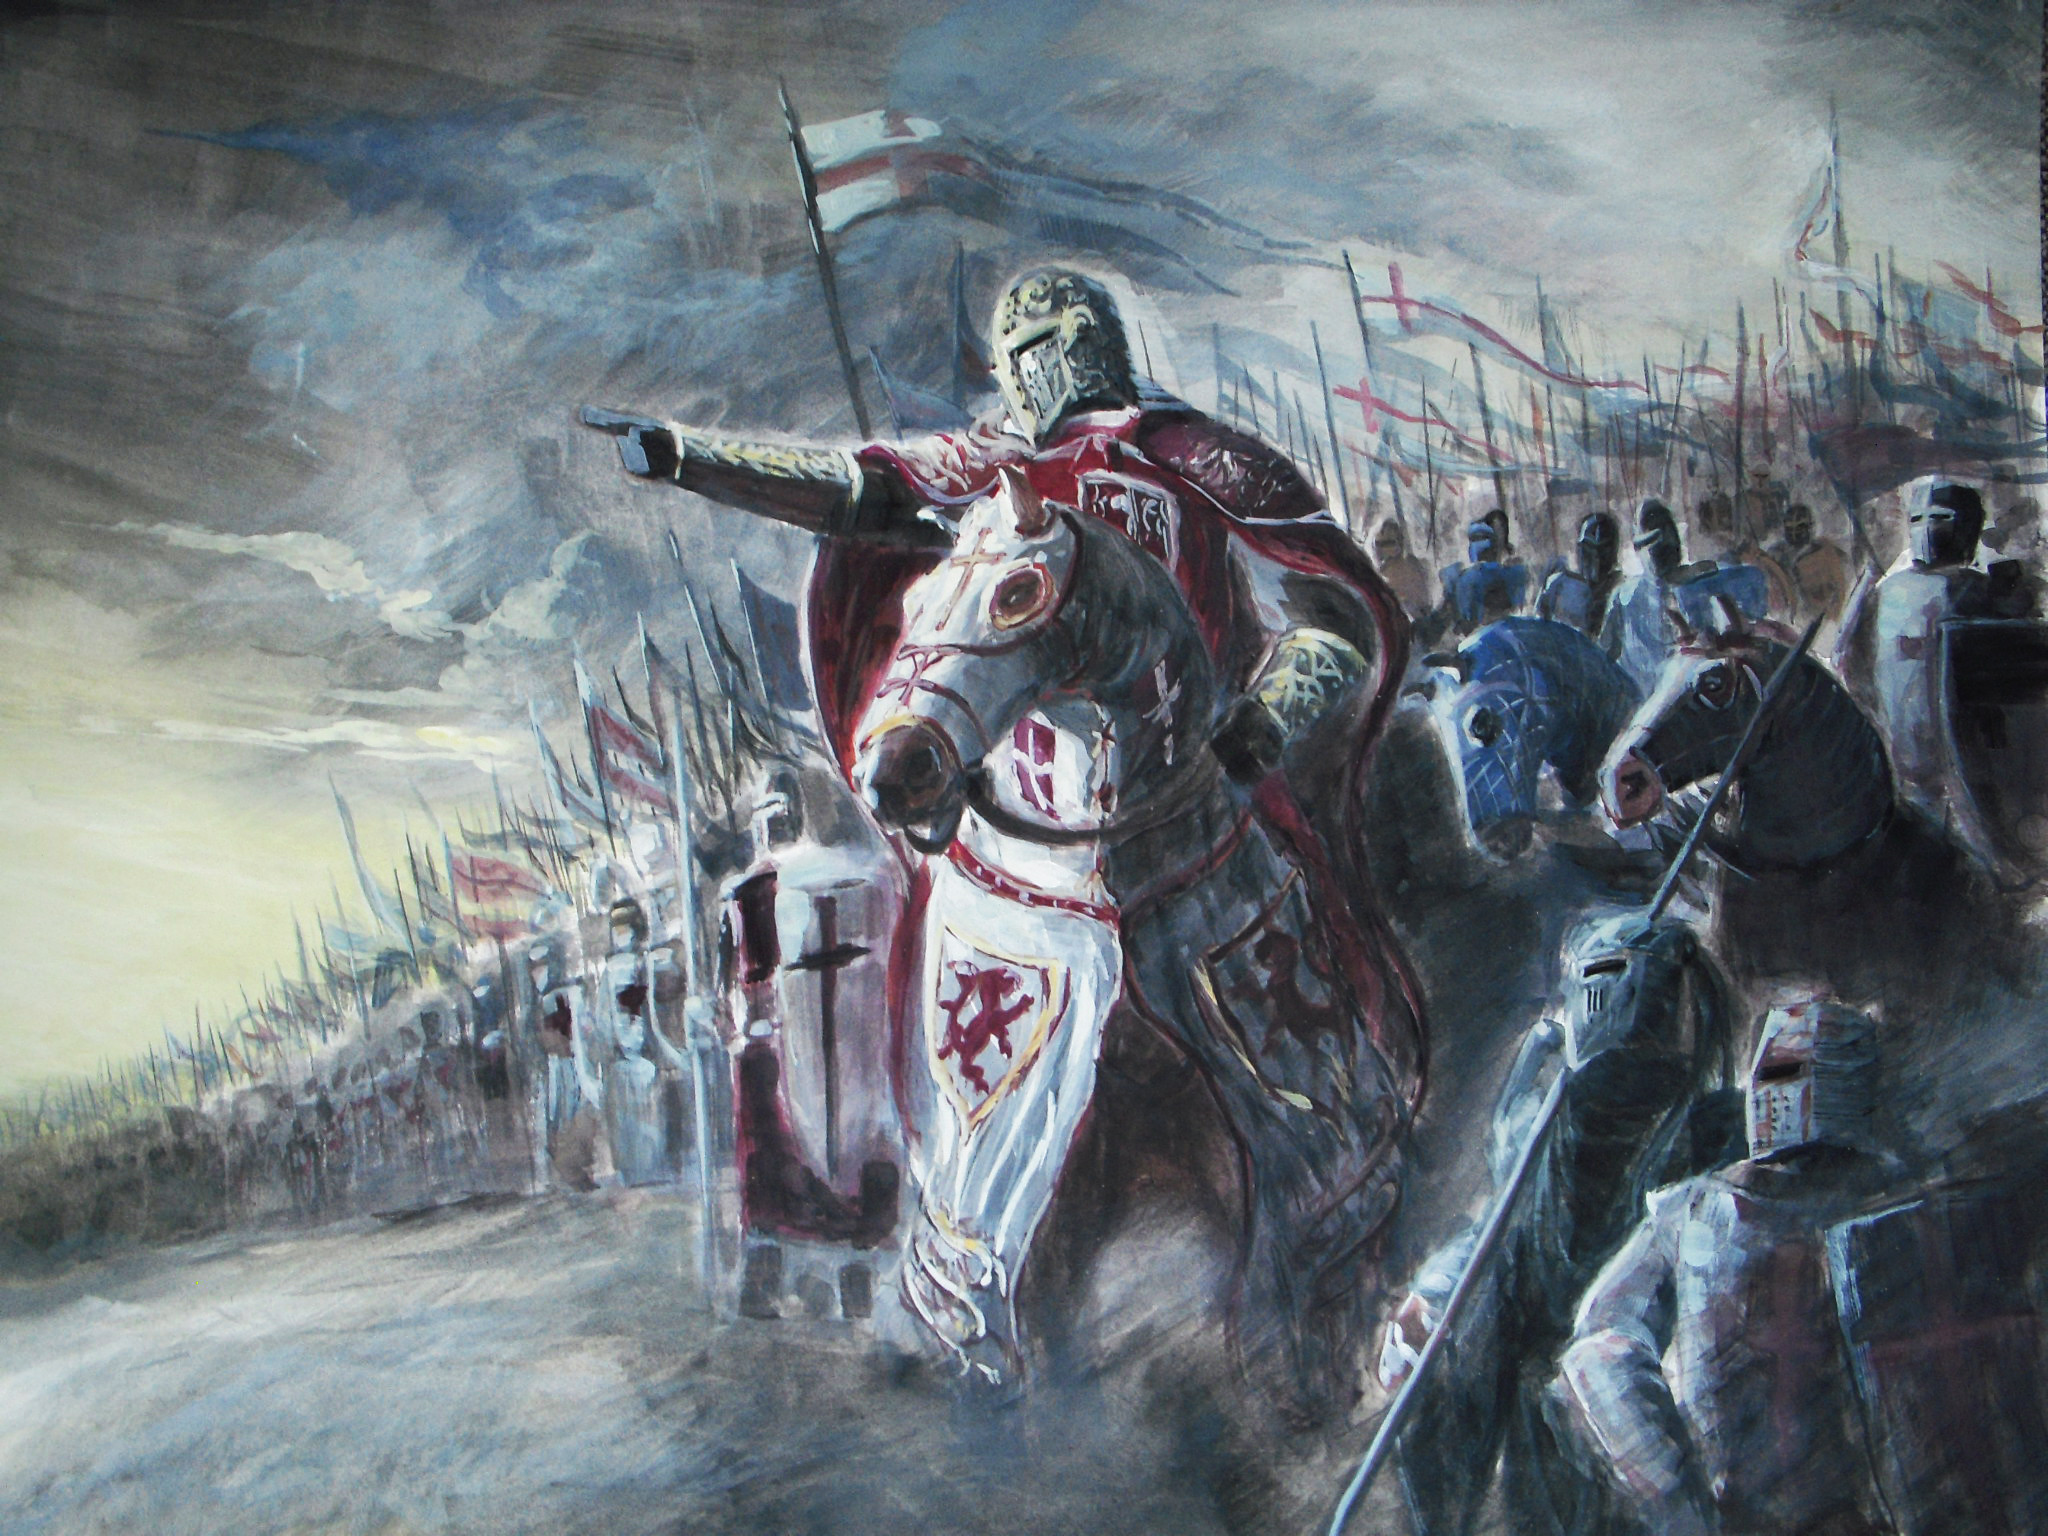 Knights Templar Wallpaper   Image – Crusader-knight-wallpaper-6511.jpg –